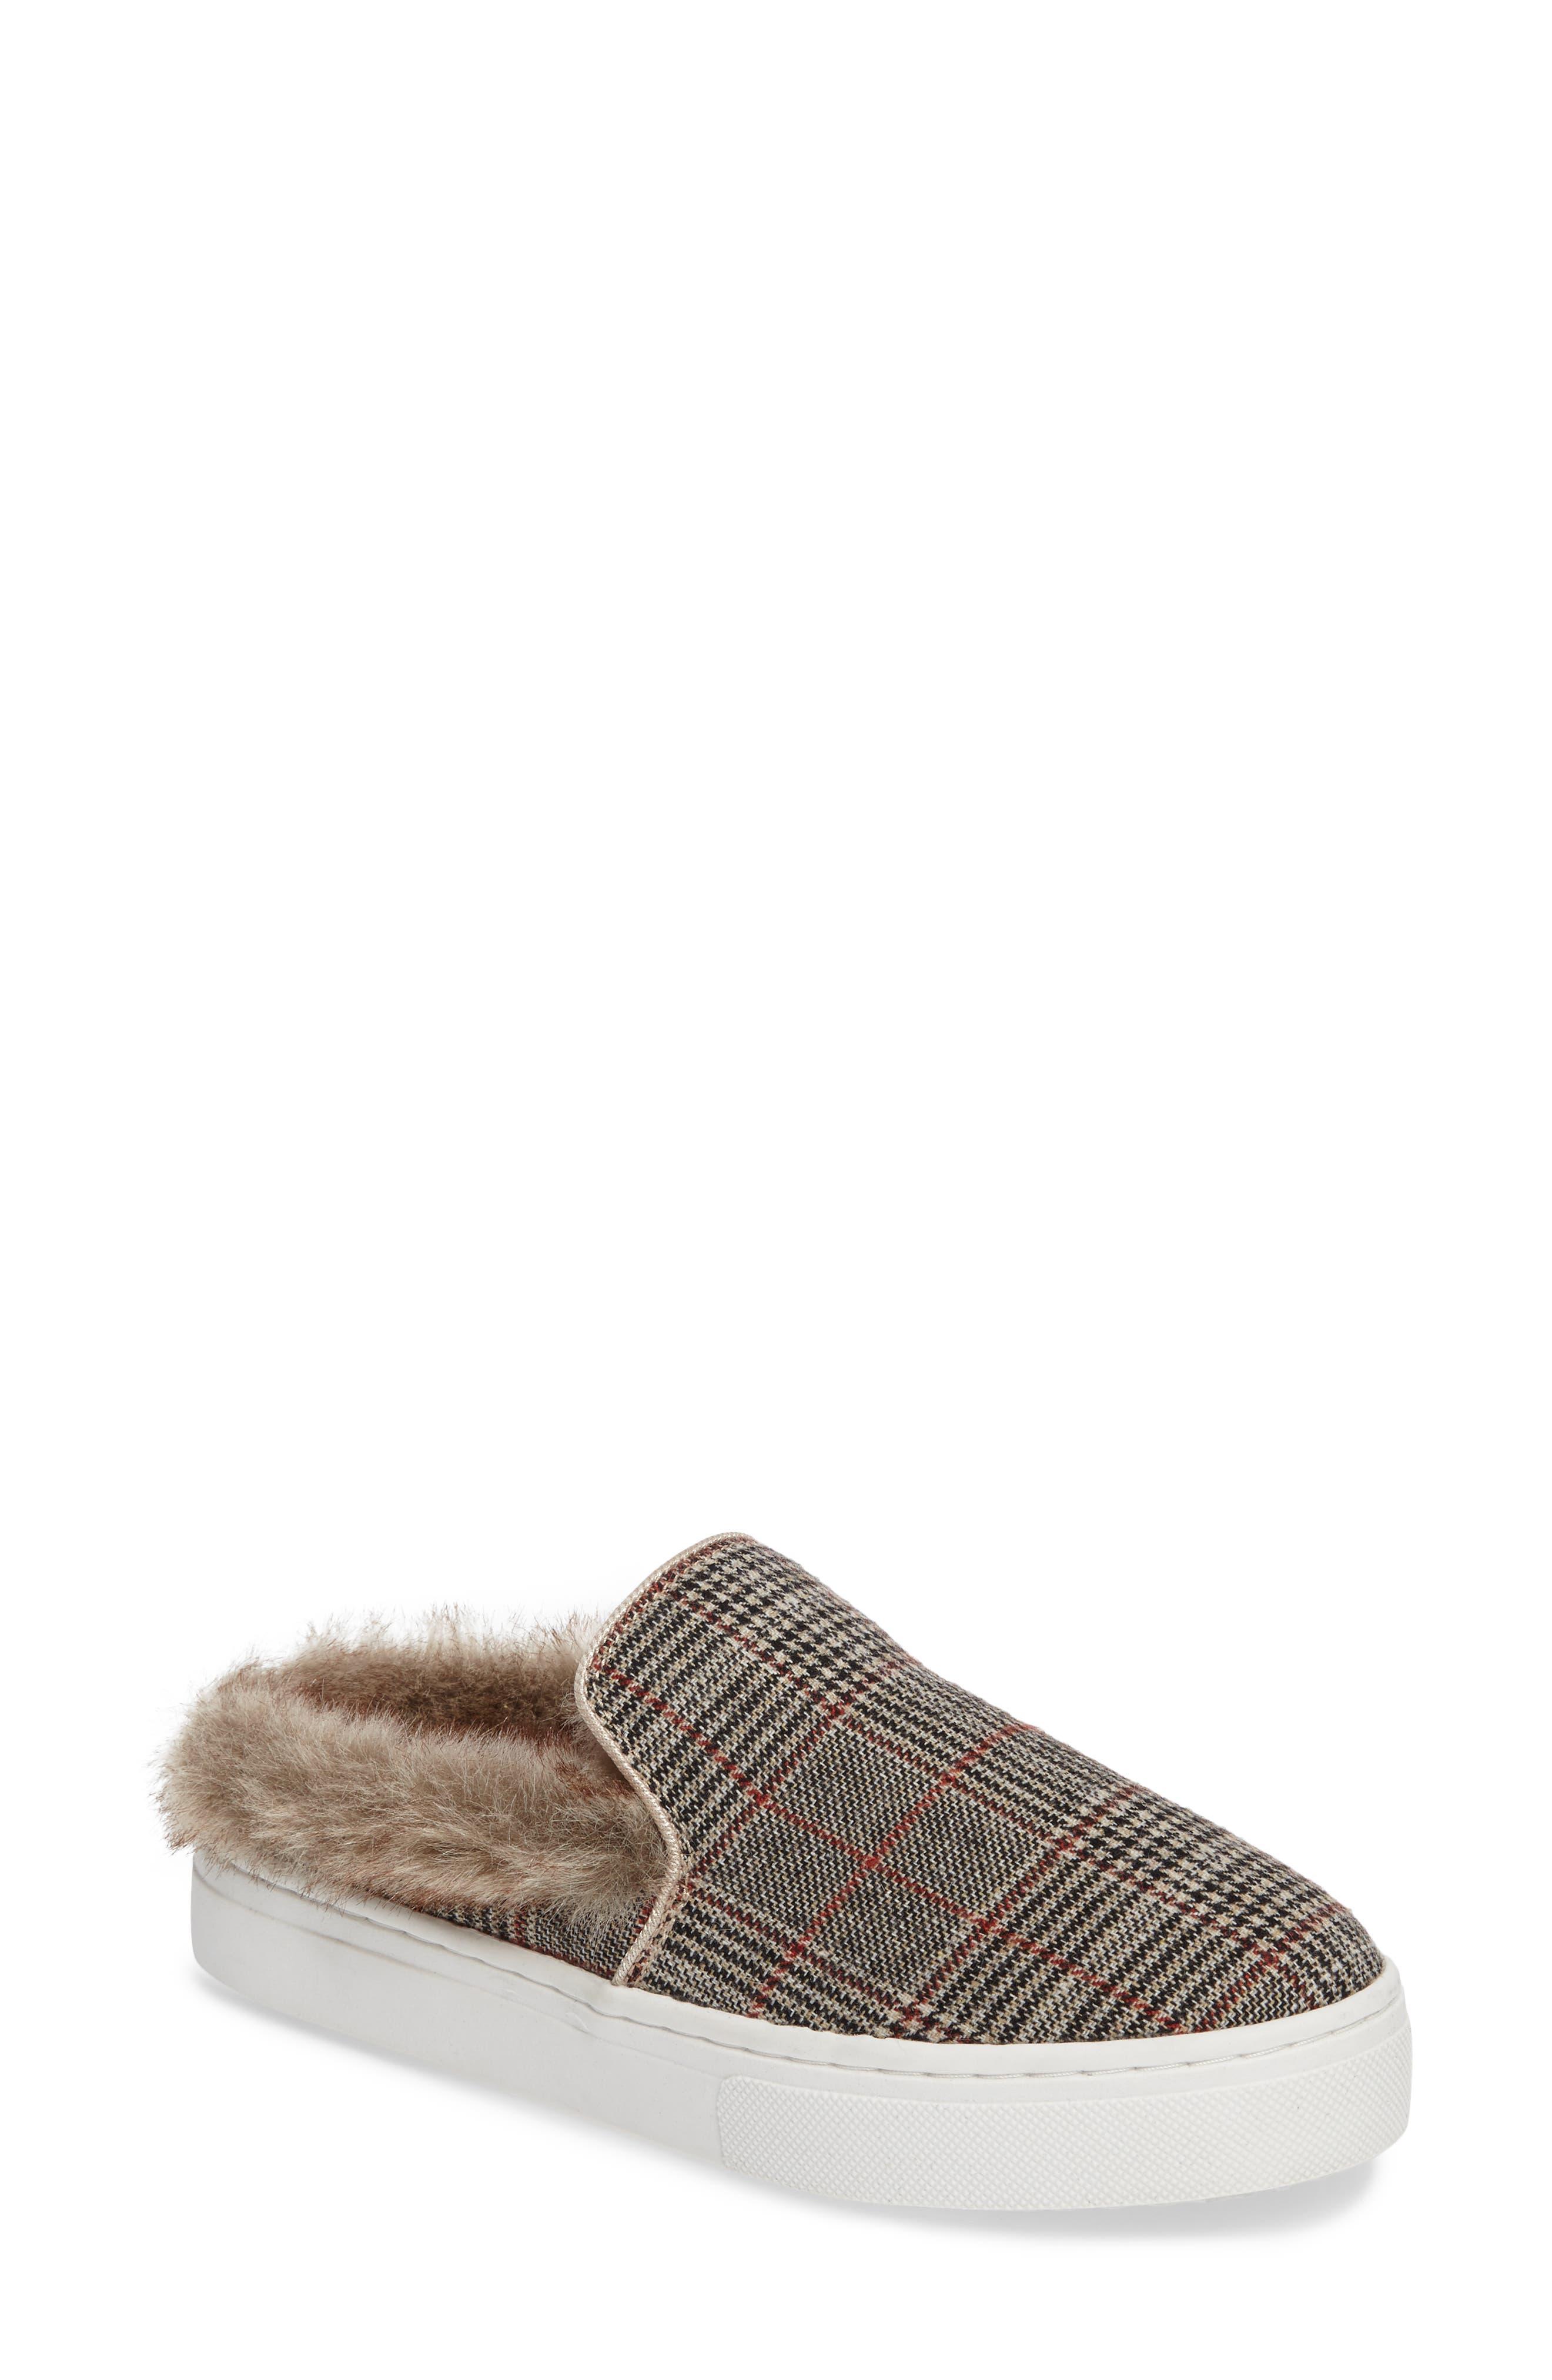 Levonne Platform Sneaker Mule,                             Main thumbnail 1, color,                             Ivory Plaid Fabric